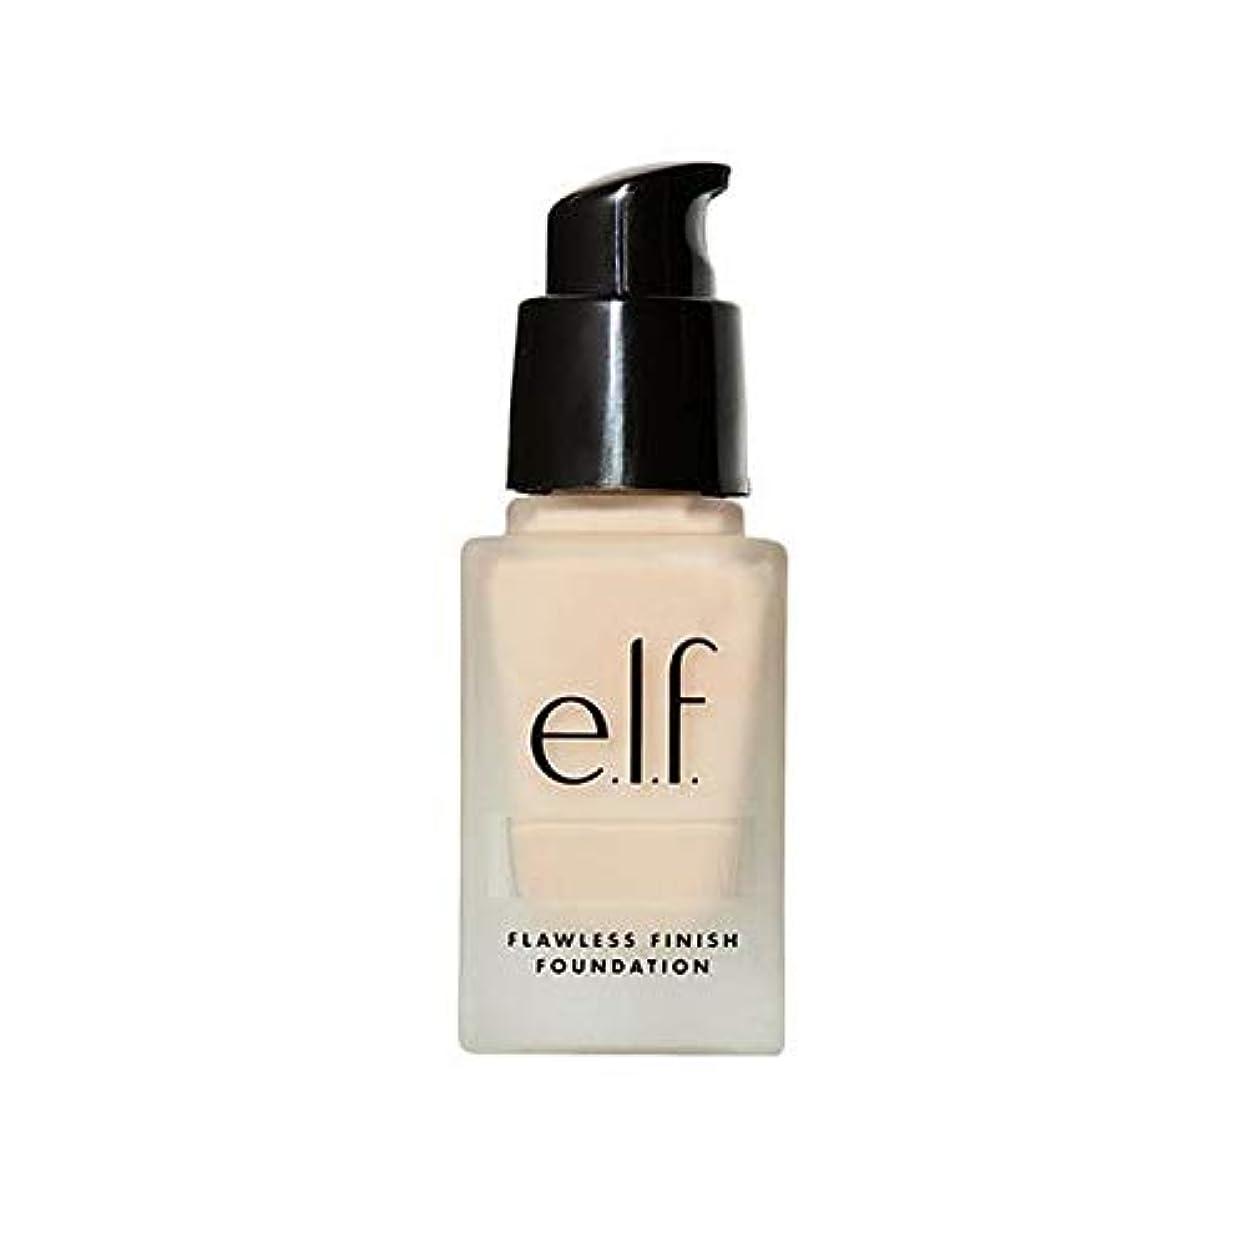 アコー元気着替える[Elf ] エルフ。完璧な仕上げ基盤真珠 - e.l.f. Flawless Finish Foundation Pearl [並行輸入品]